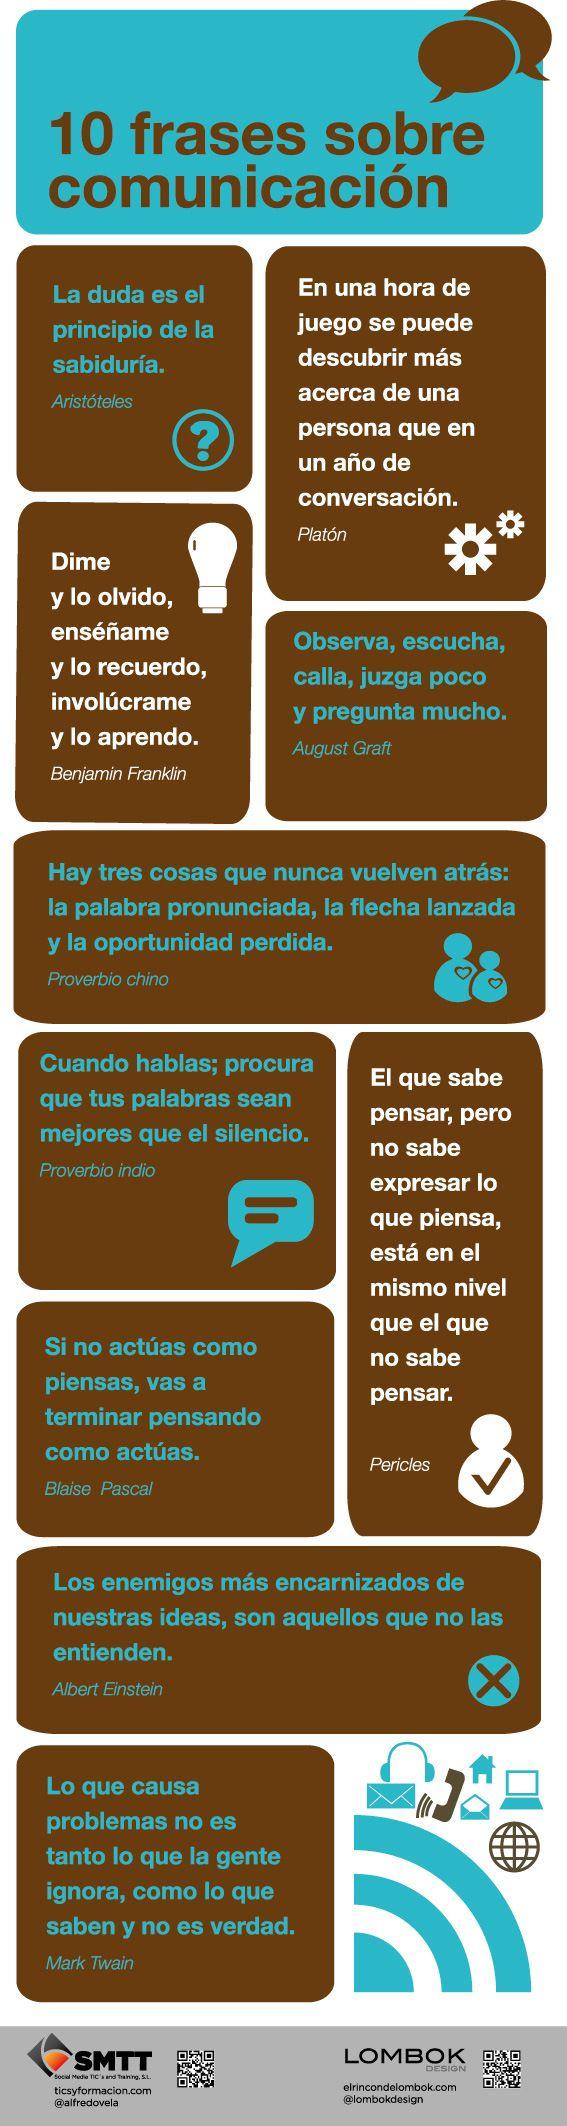 10 Frases Célebres Sobre Comunicación Comunicacion Frases